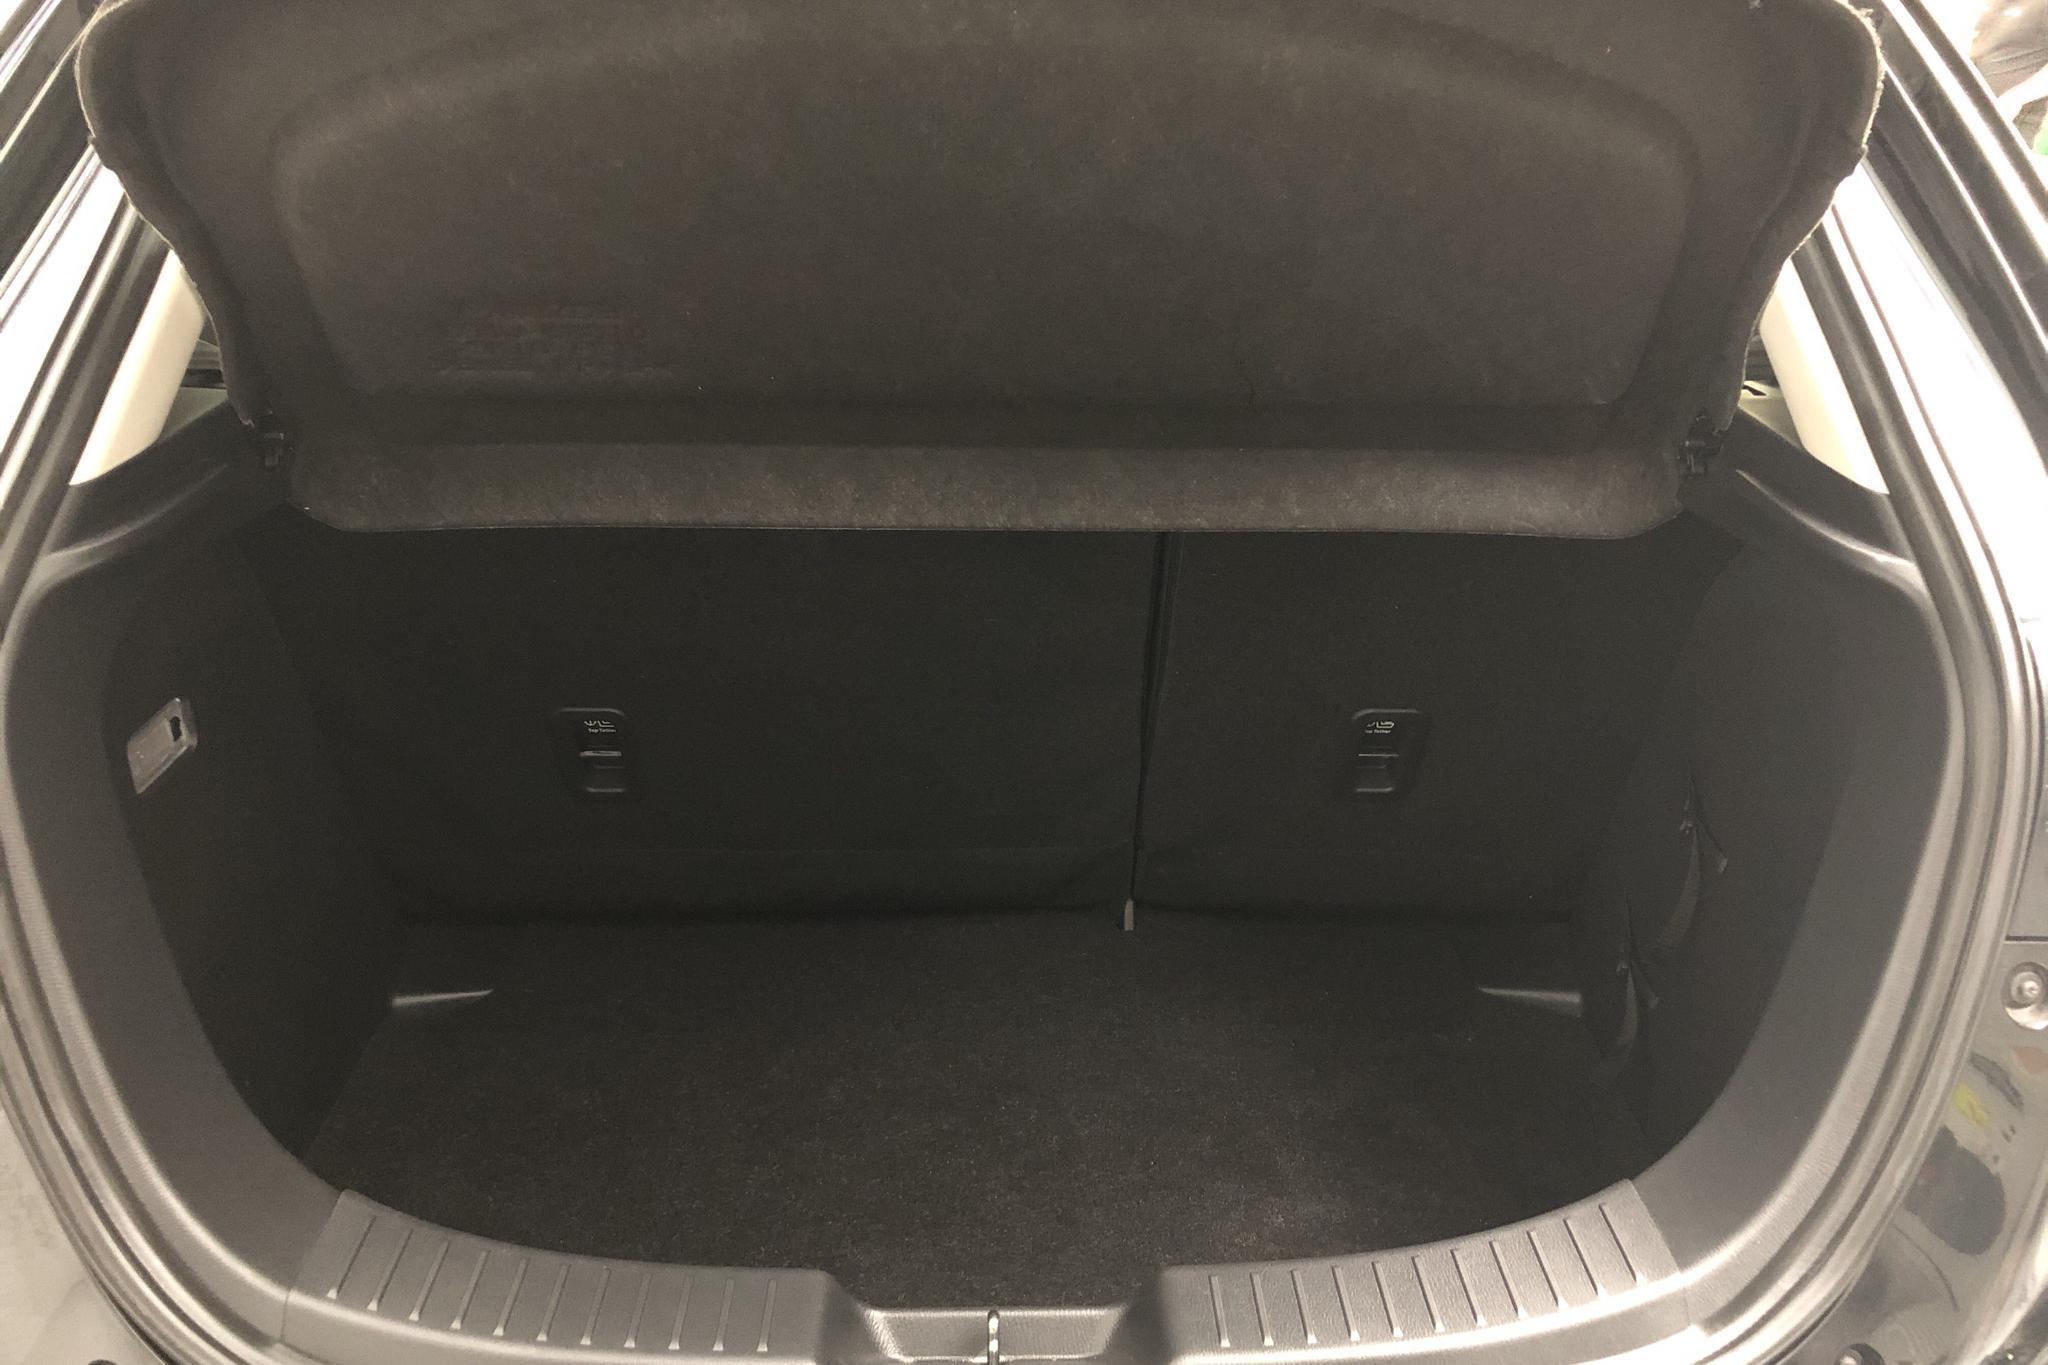 Mazda 2 1.5 5dr (90hk) - 31 010 km - Manual - black - 2016